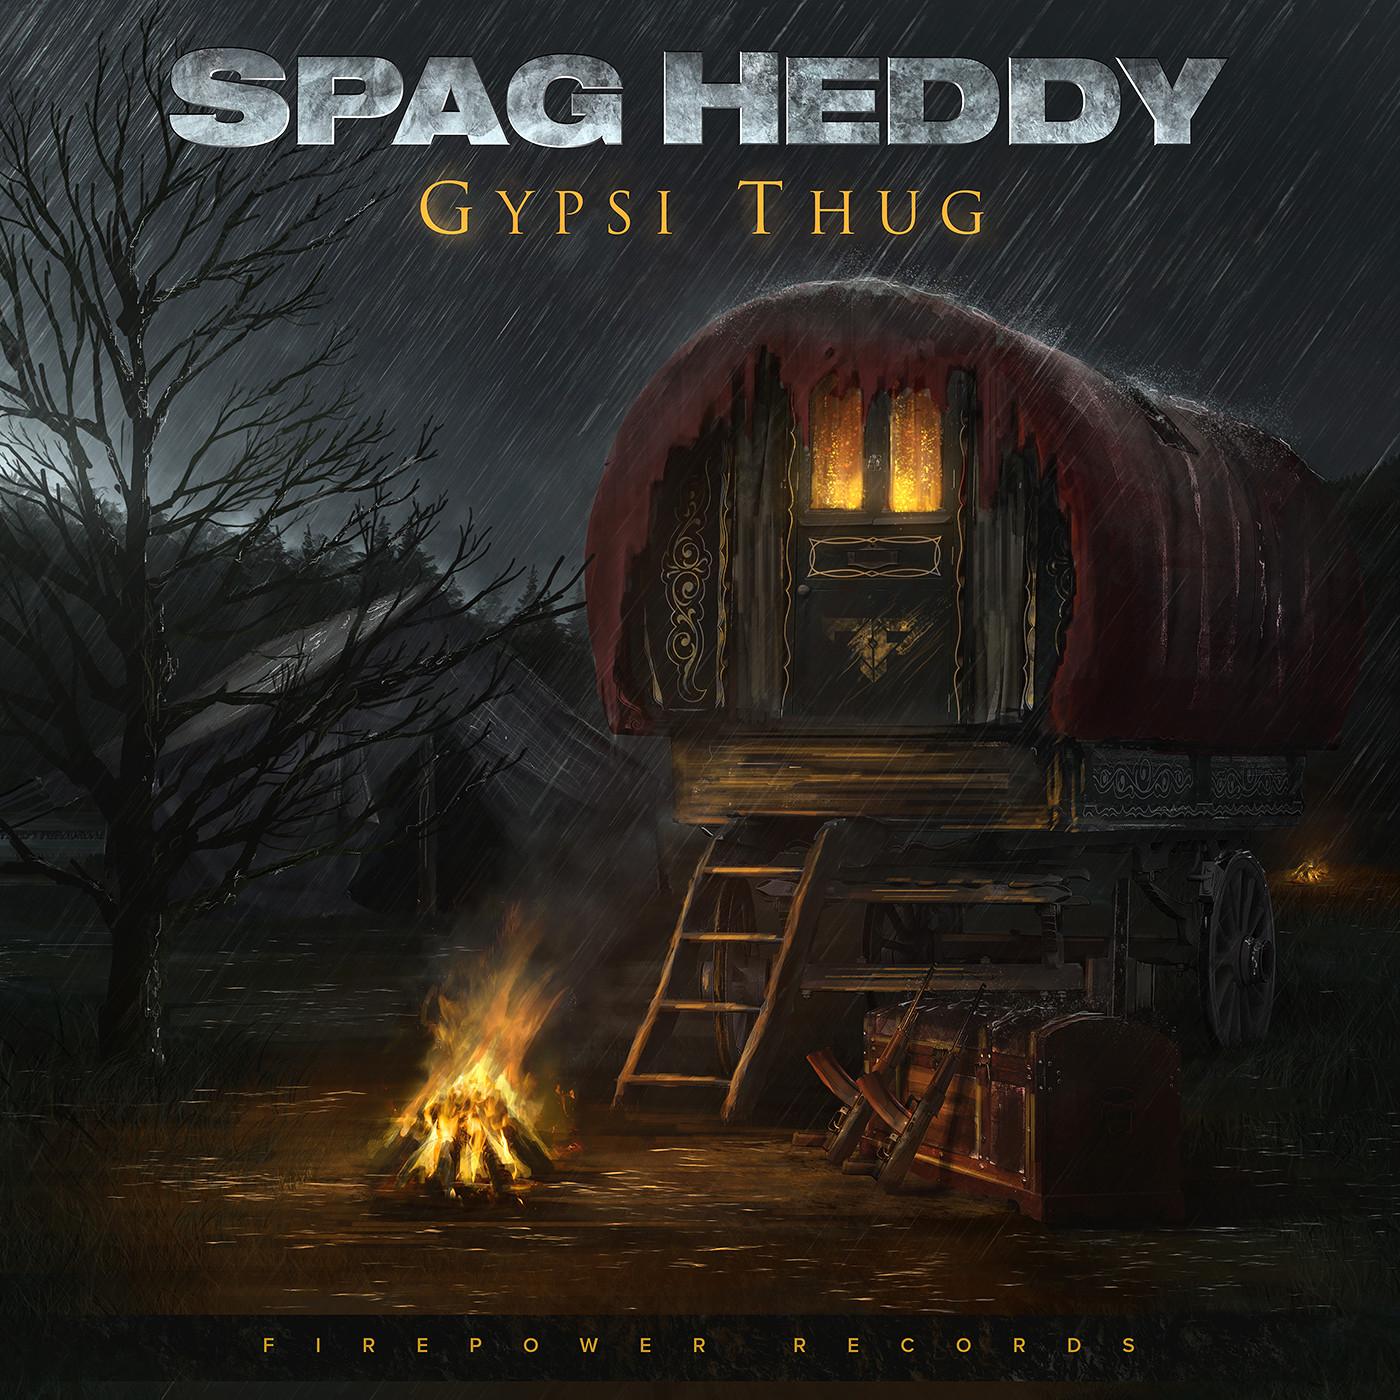 Eric hallquist spagheddy gypsi thug art 1400px